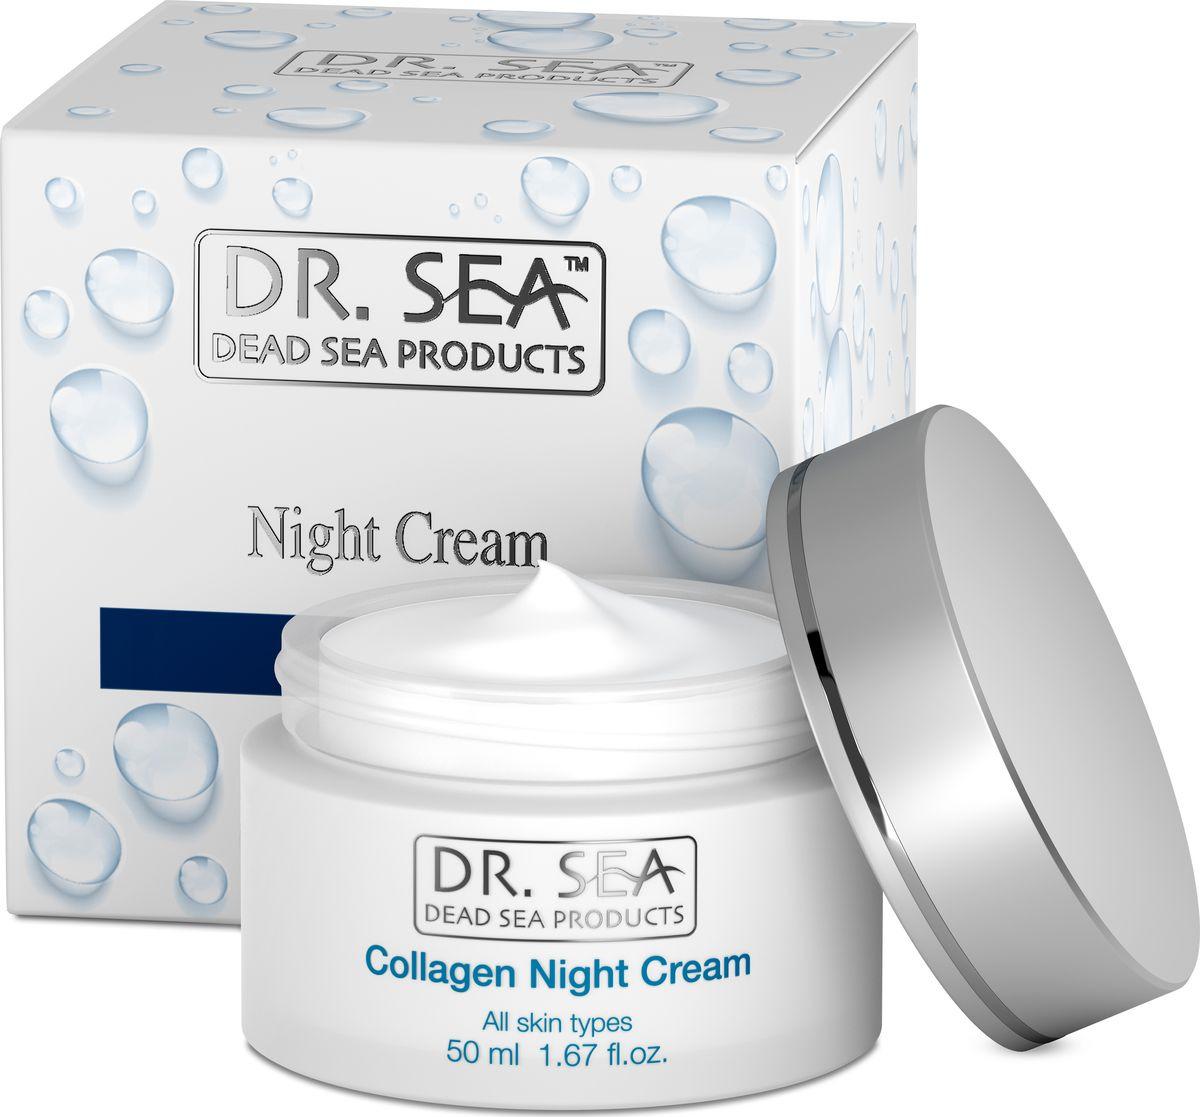 Ночной антивозрастной крем для лица Dr.Sea, с коллагеном и минералами Мертвого моря, ночь, для всех типов кожи, 50 мл